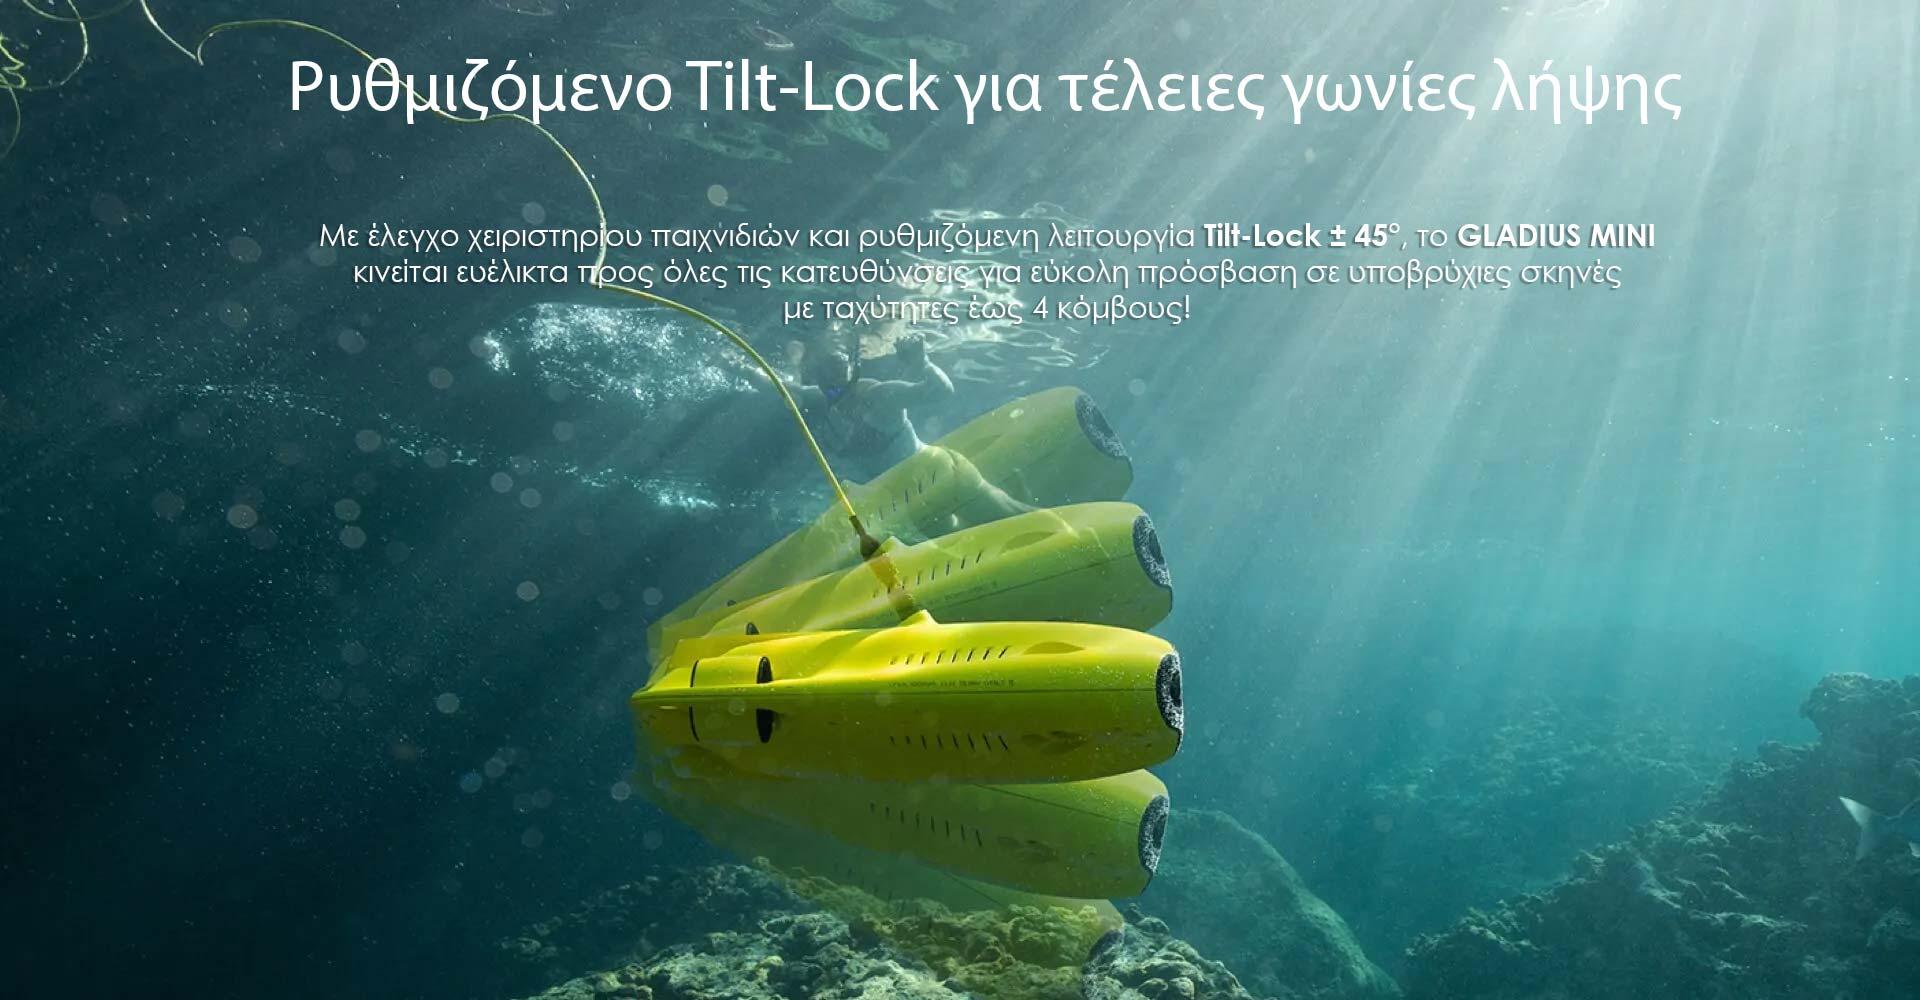 Tilt-Lock